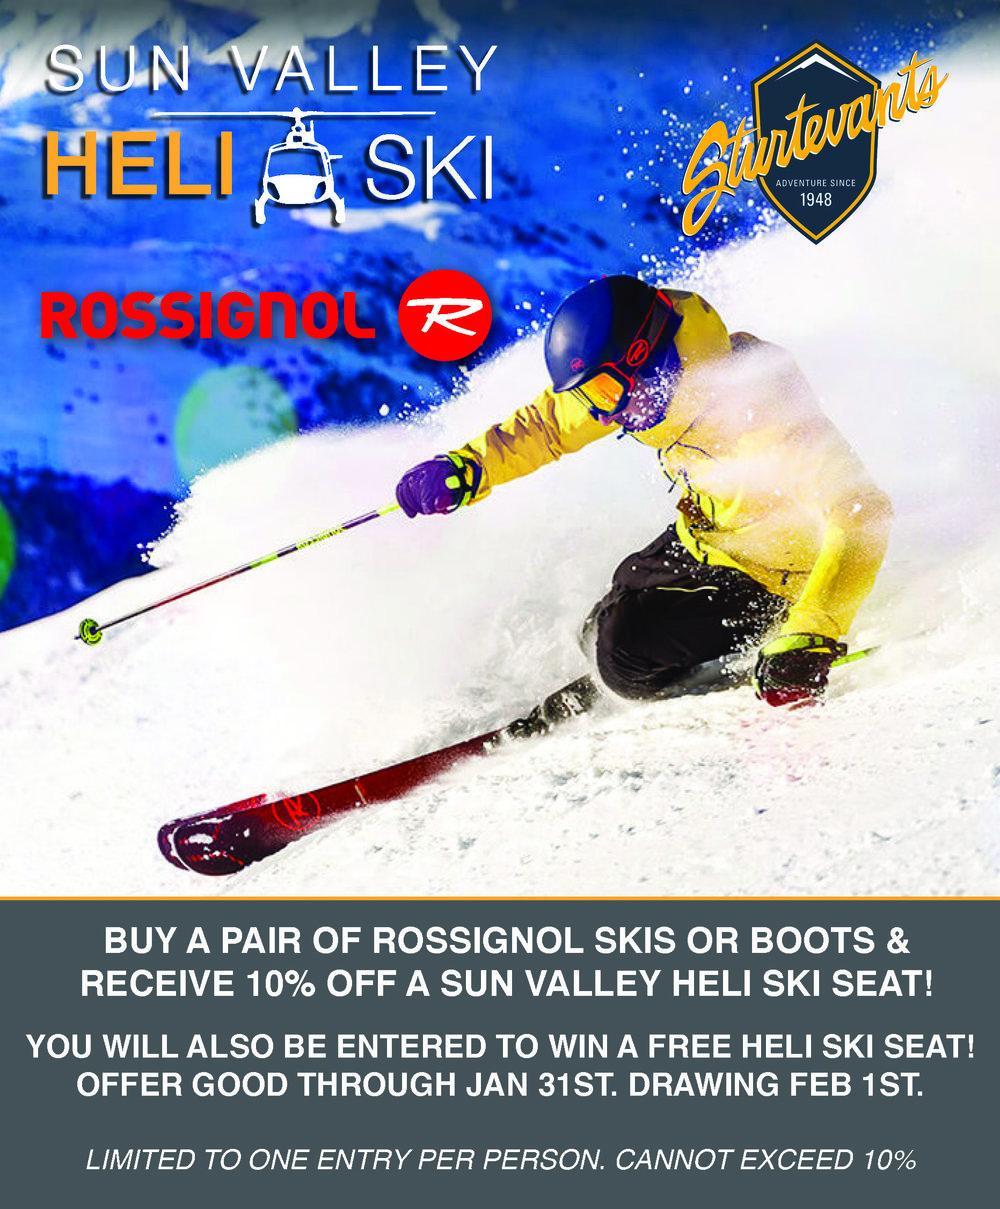 rossignol-offer.jpg